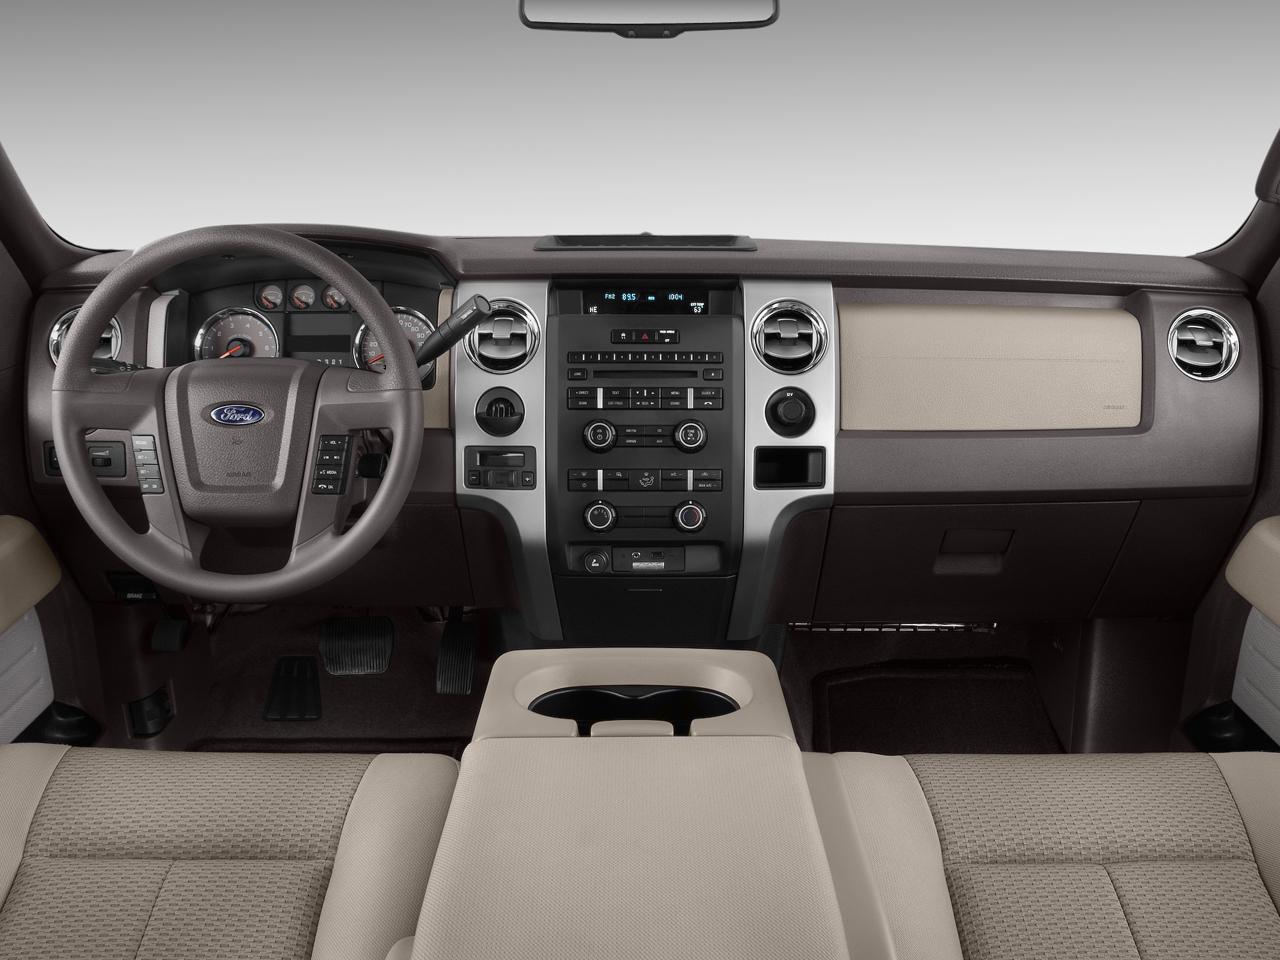 2009 ford f 150 platinum lariat 4x4 ford fullsize pickup. Black Bedroom Furniture Sets. Home Design Ideas